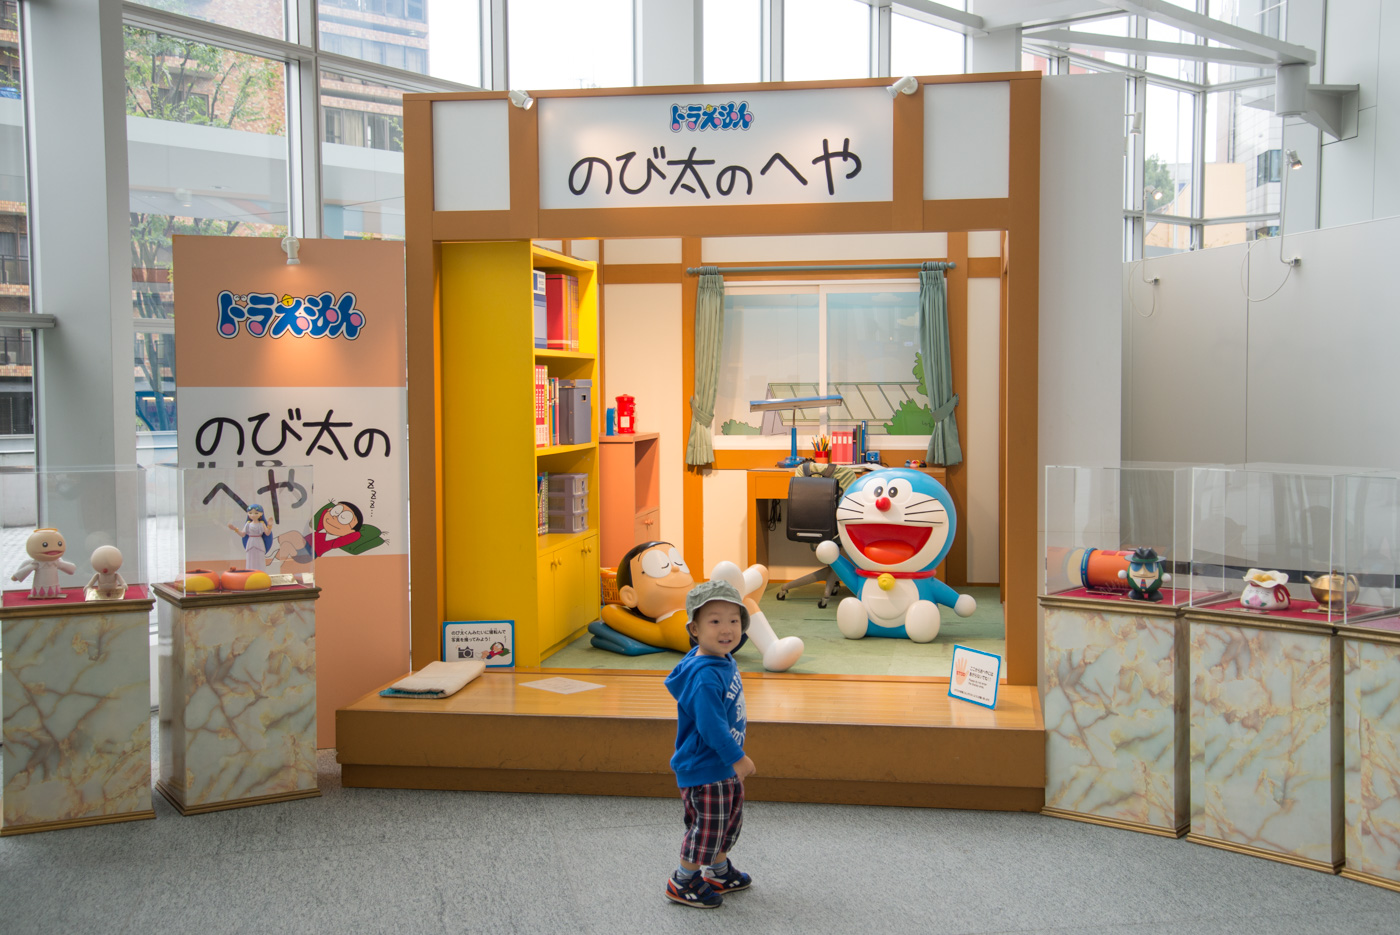 テレビ朝日本社1F、のび太の部屋